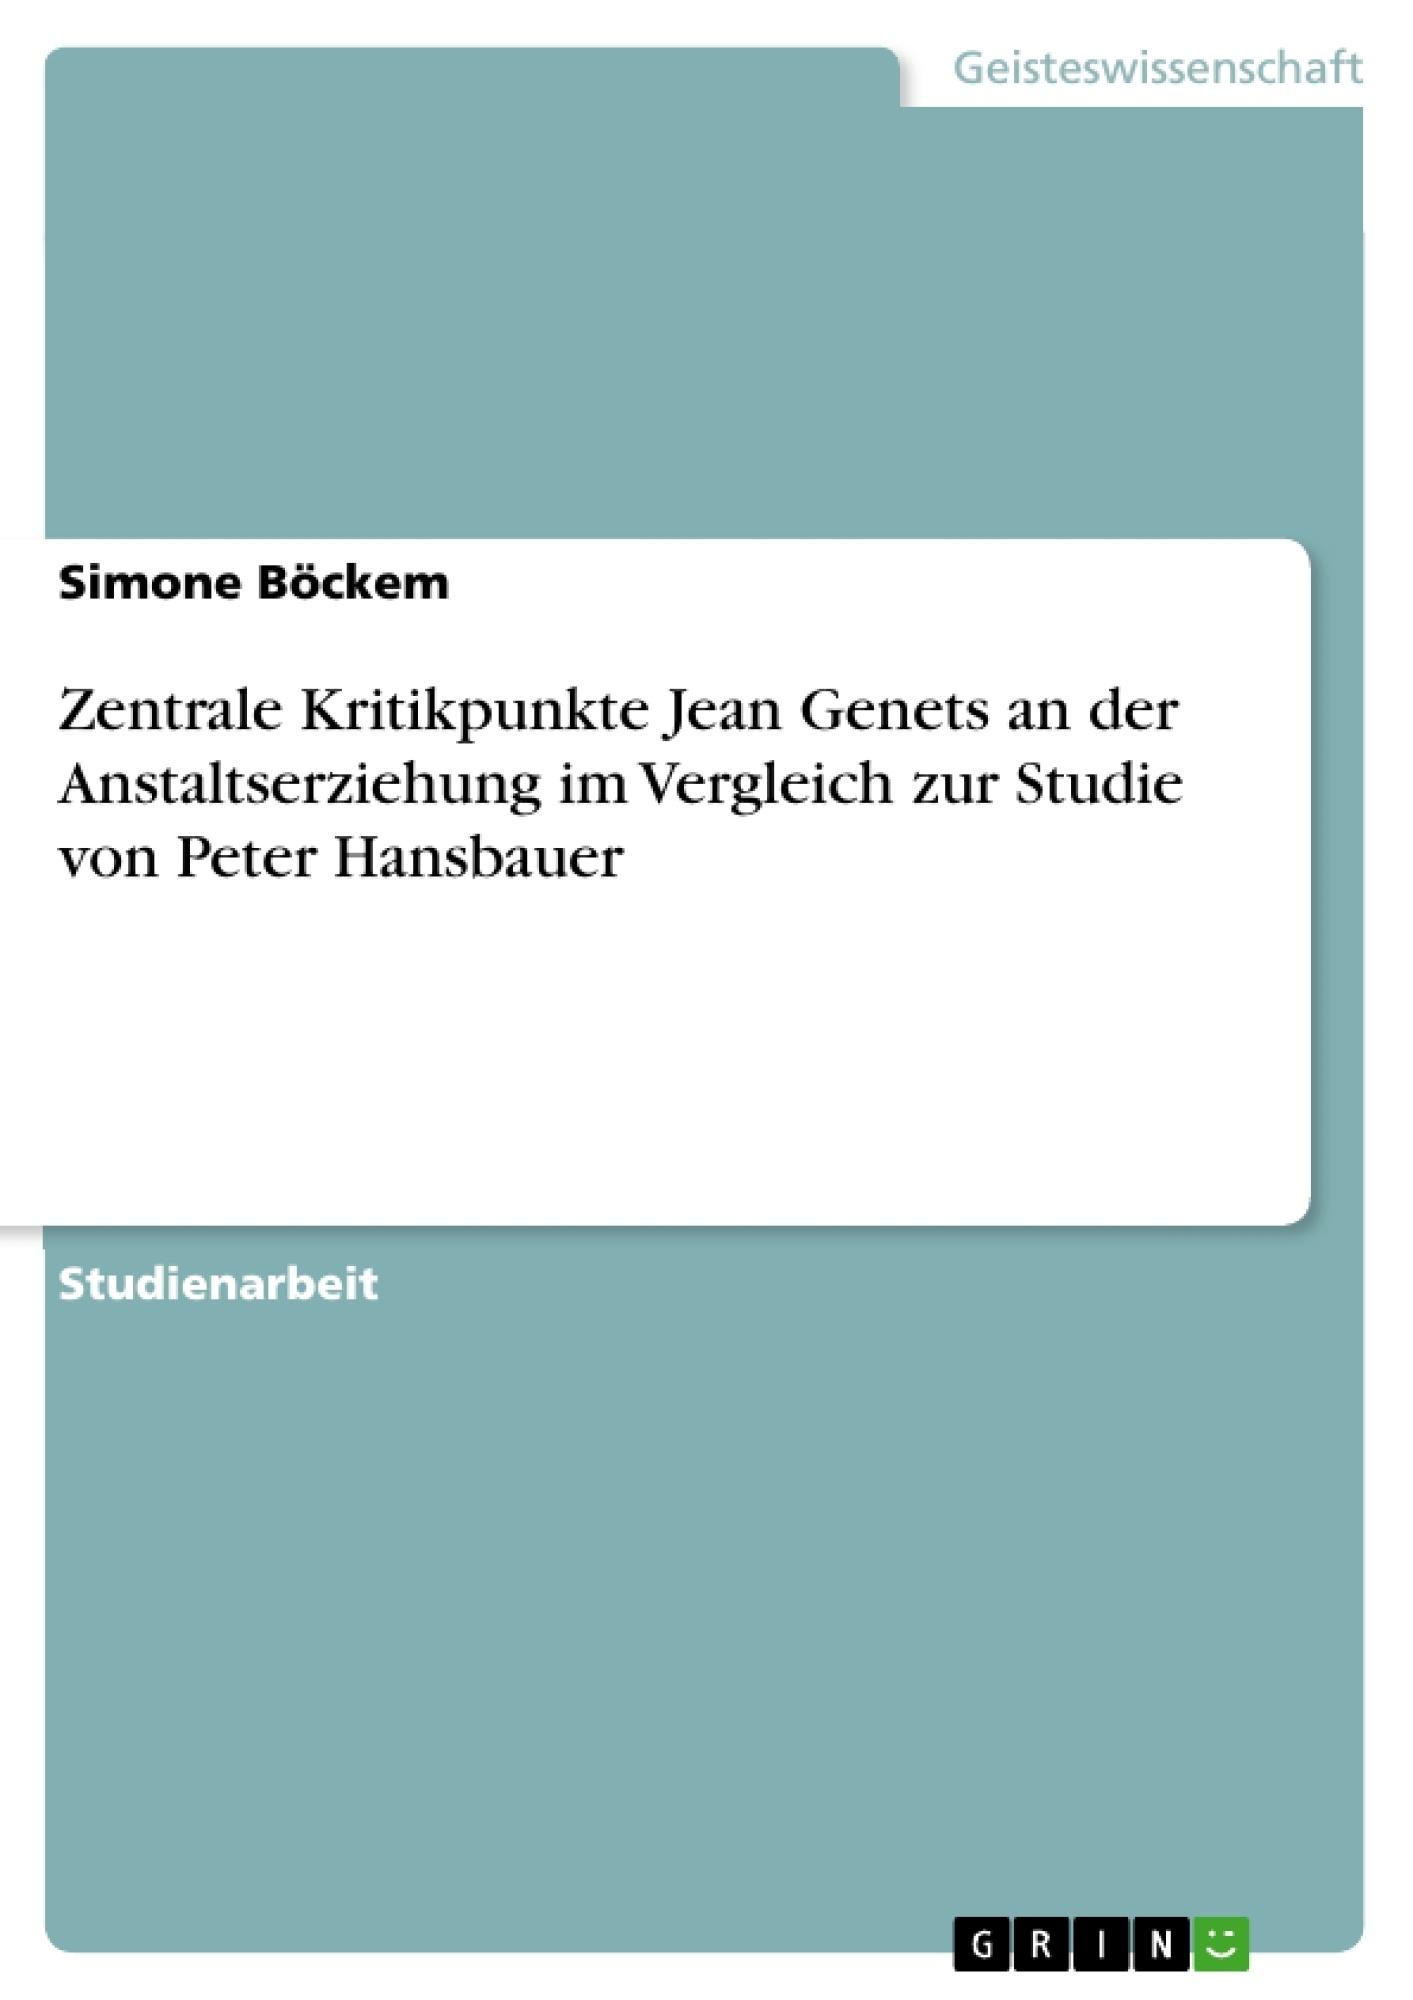 Titel: Zentrale Kritikpunkte Jean Genets an der Anstaltserziehung im Vergleich zur Studie von Peter Hansbauer